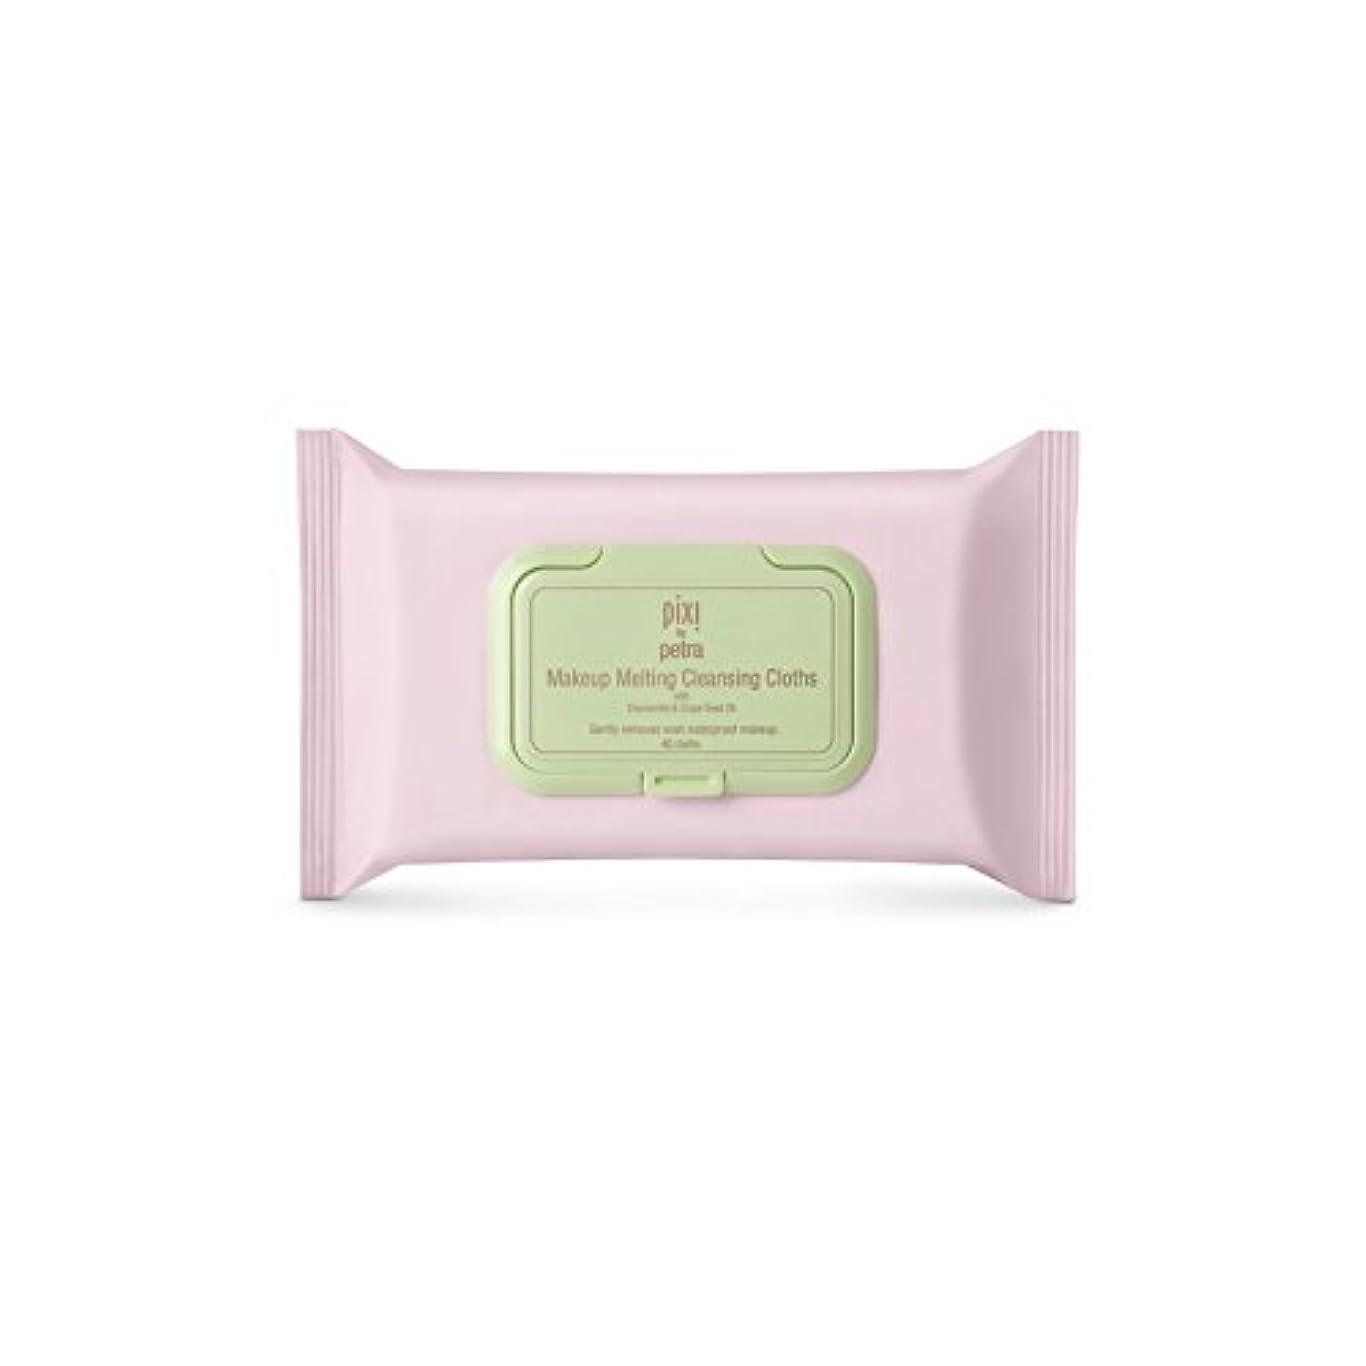 微弱矩形キャンバスPixi Makeup Melting Cleansing Cloths (Pack of 6) - 化粧溶融クレンジングクロス x6 [並行輸入品]